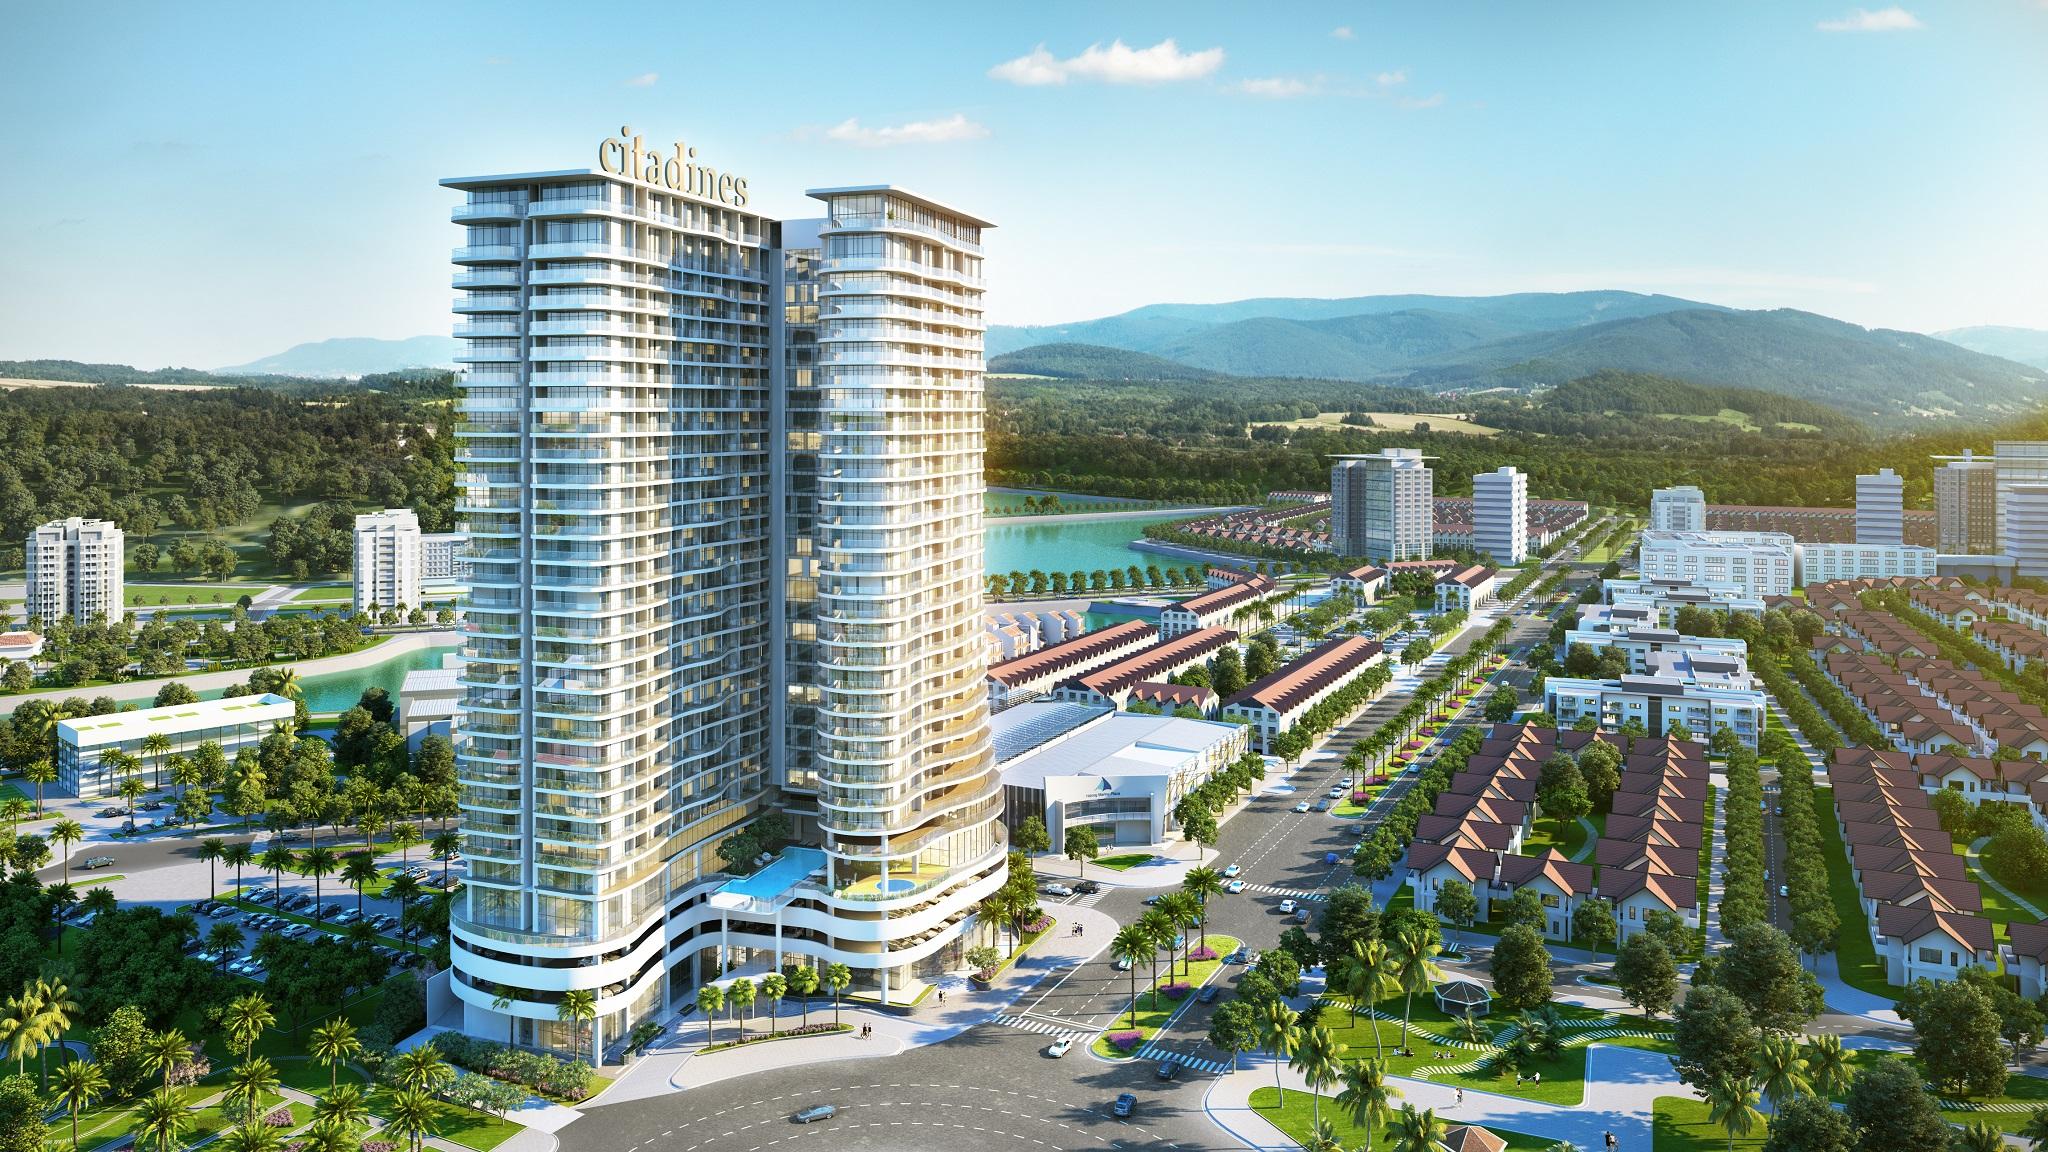 Chính thức mở bán dự án cao cấp Citadines Marina Halong 4